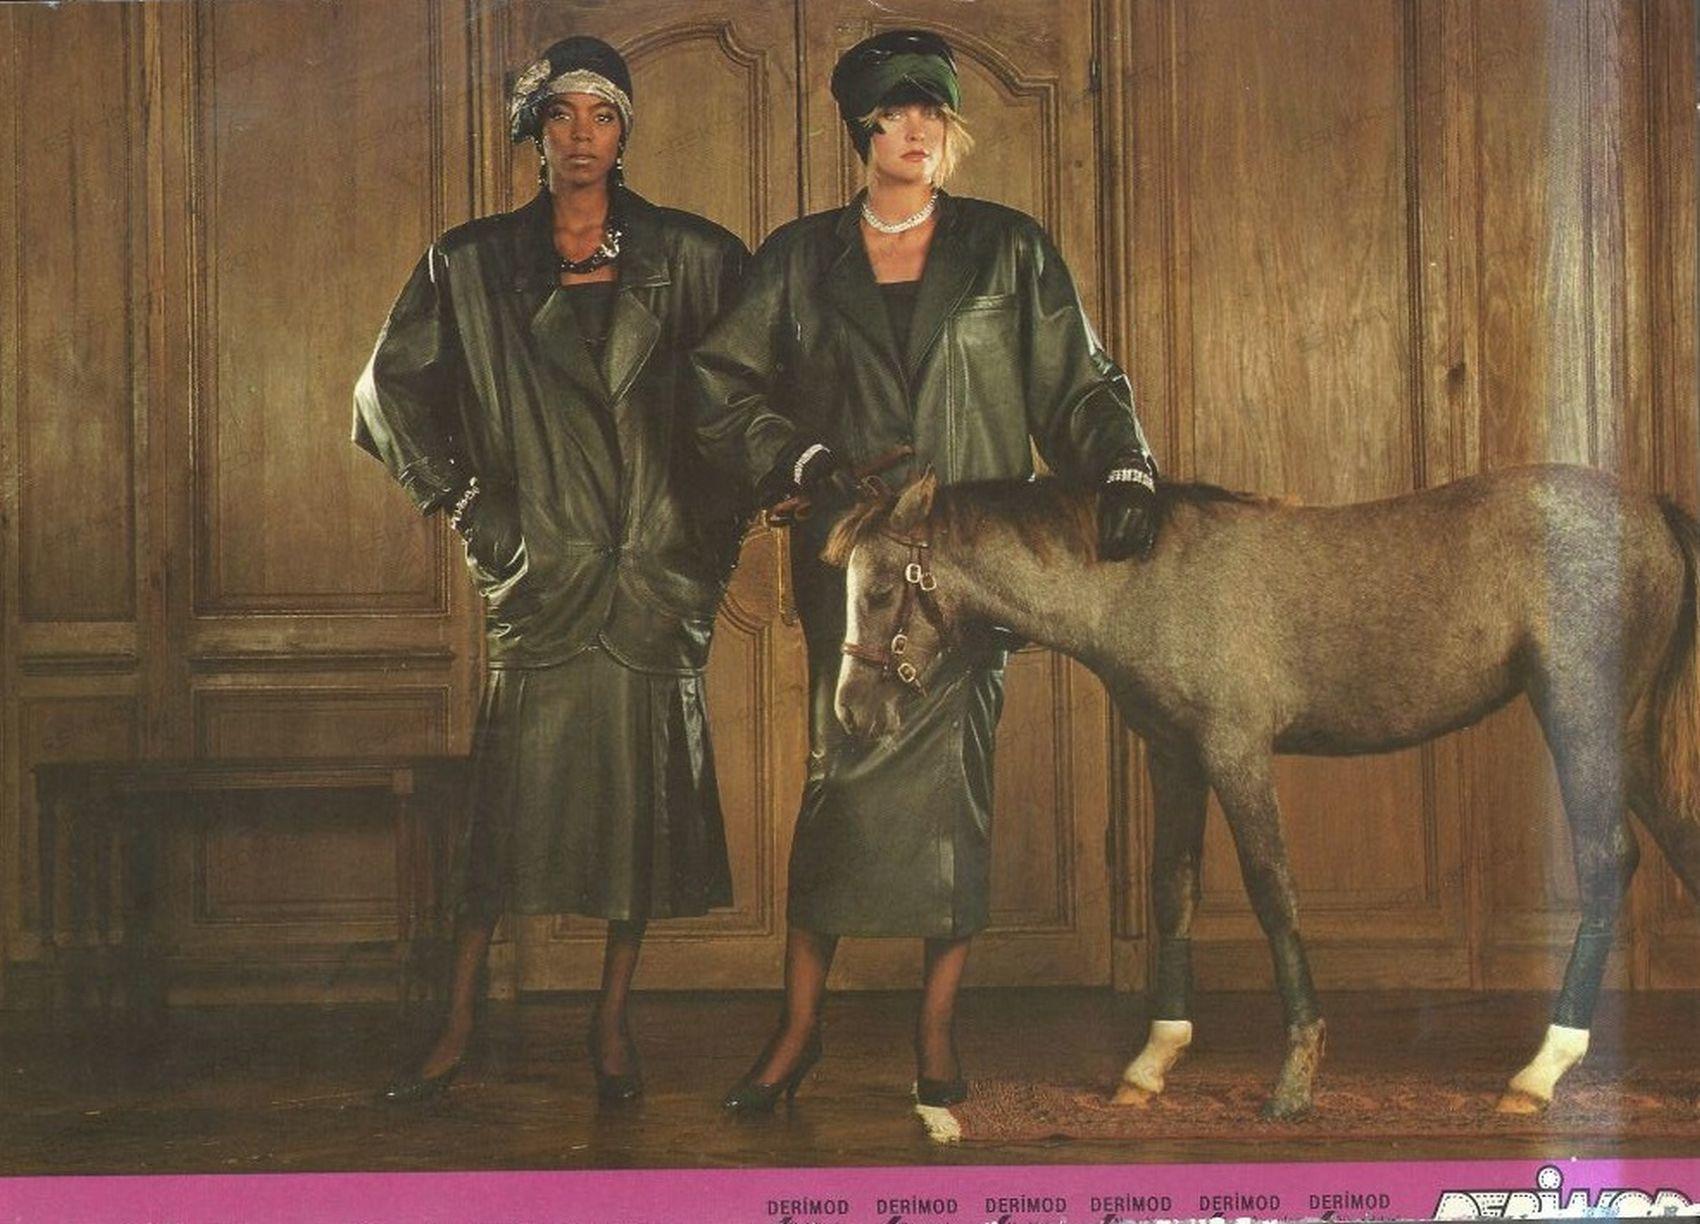 0125-umit-zaim-1985-yilinda-tekstil-reklamlari-derimod-reklam-arsivi-deri-ceket-giyen-kadinlar-seksenler